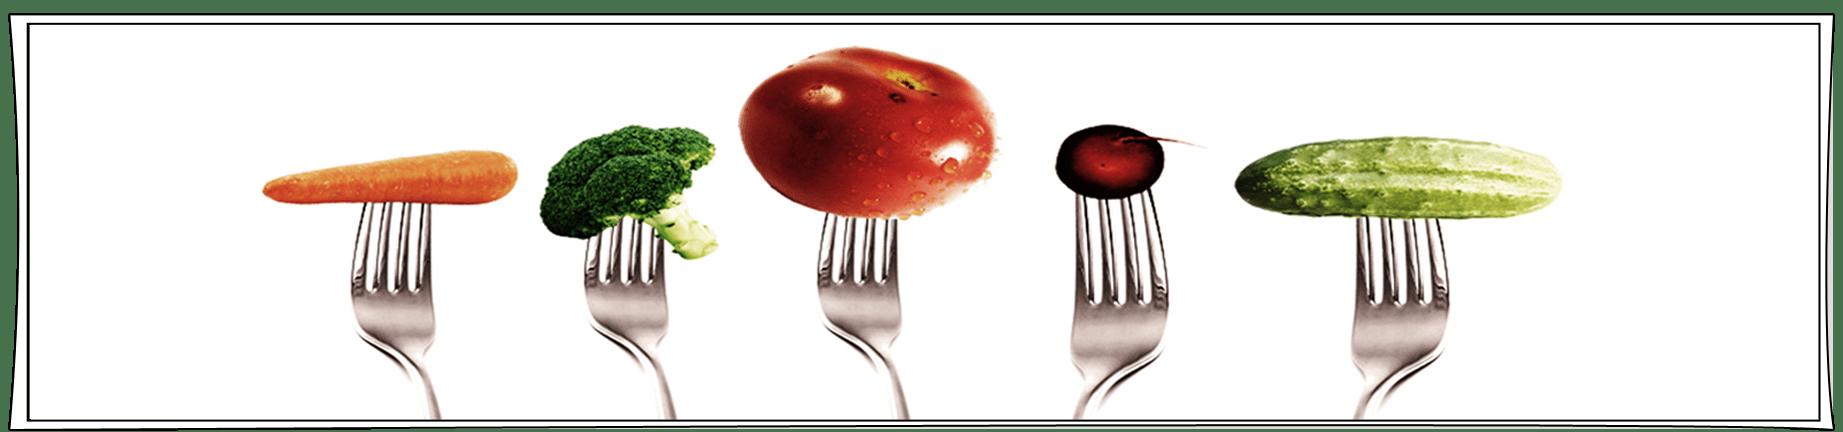 Kulinarische Reise durch und um Rödermark